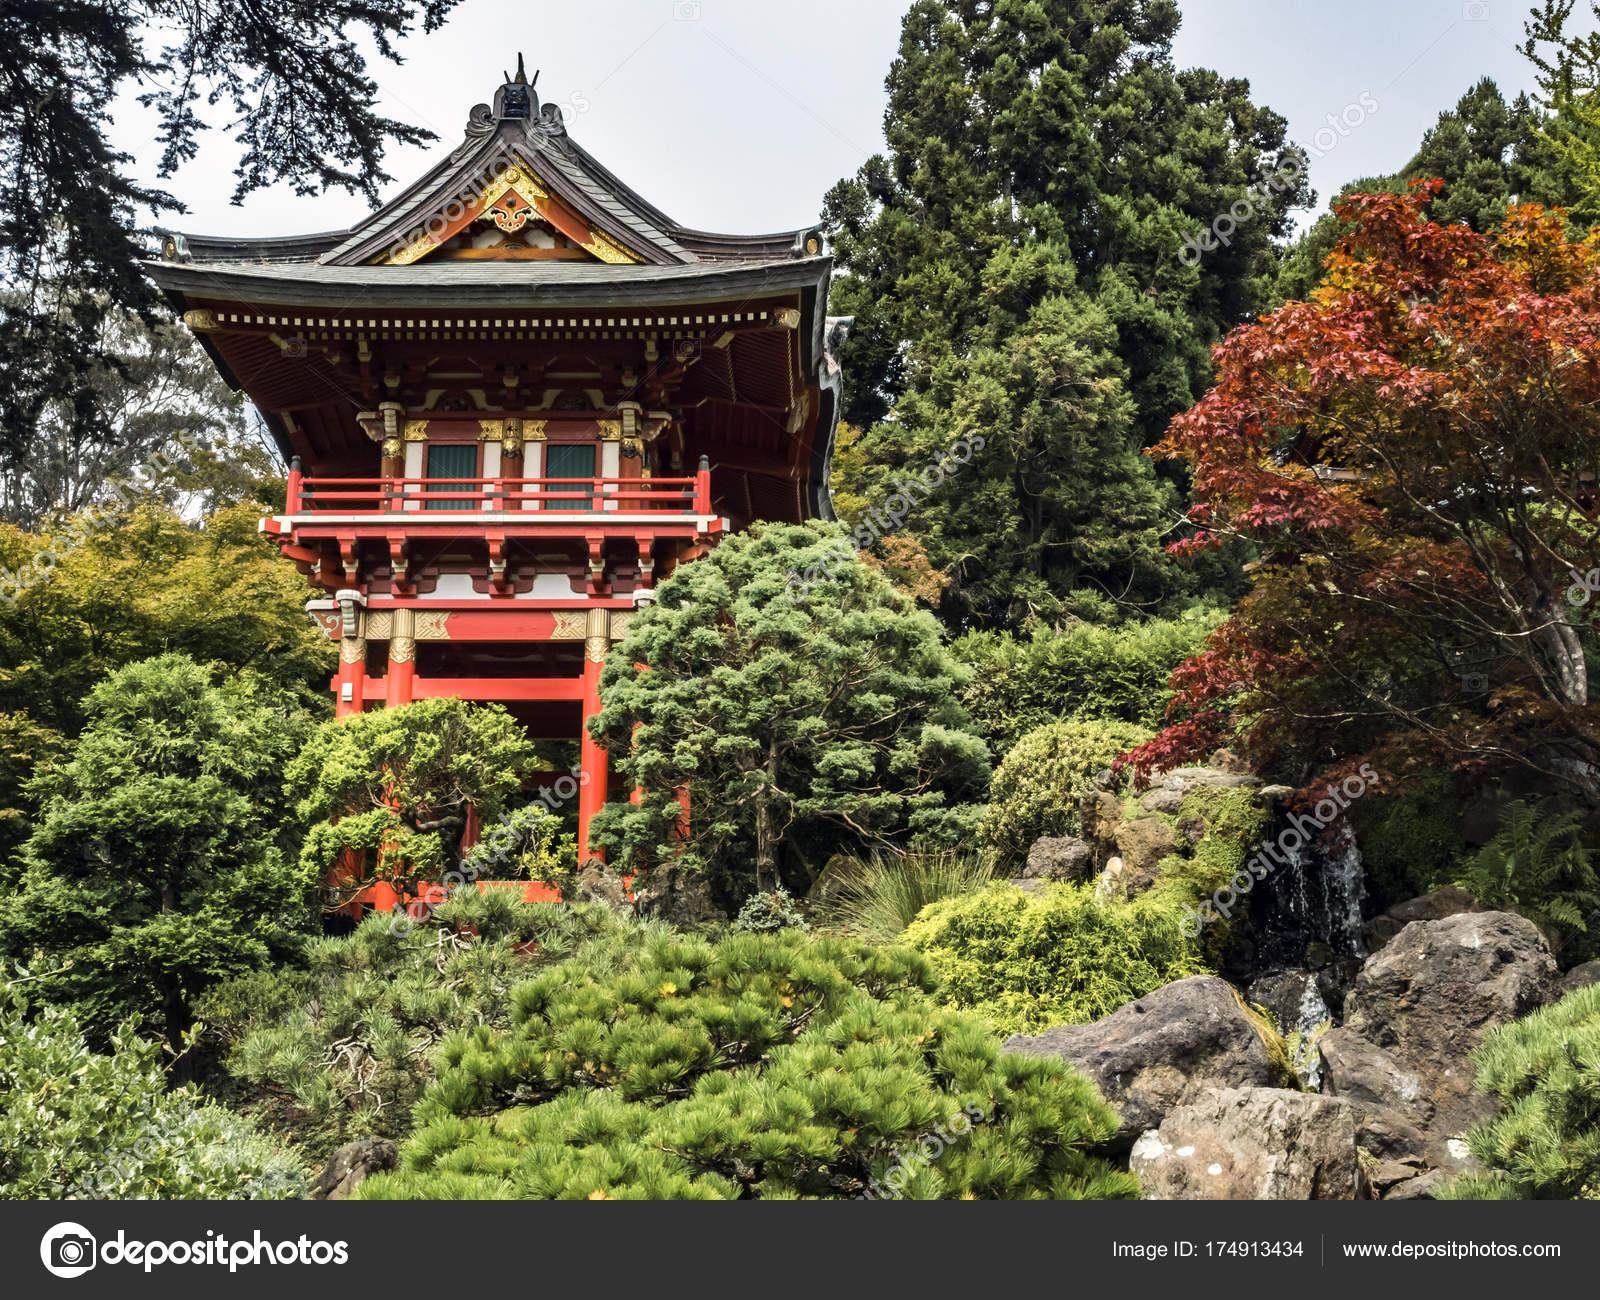 Jard n japon s golden gate park san francisco california for Jardin japones hagiwara de san francisco